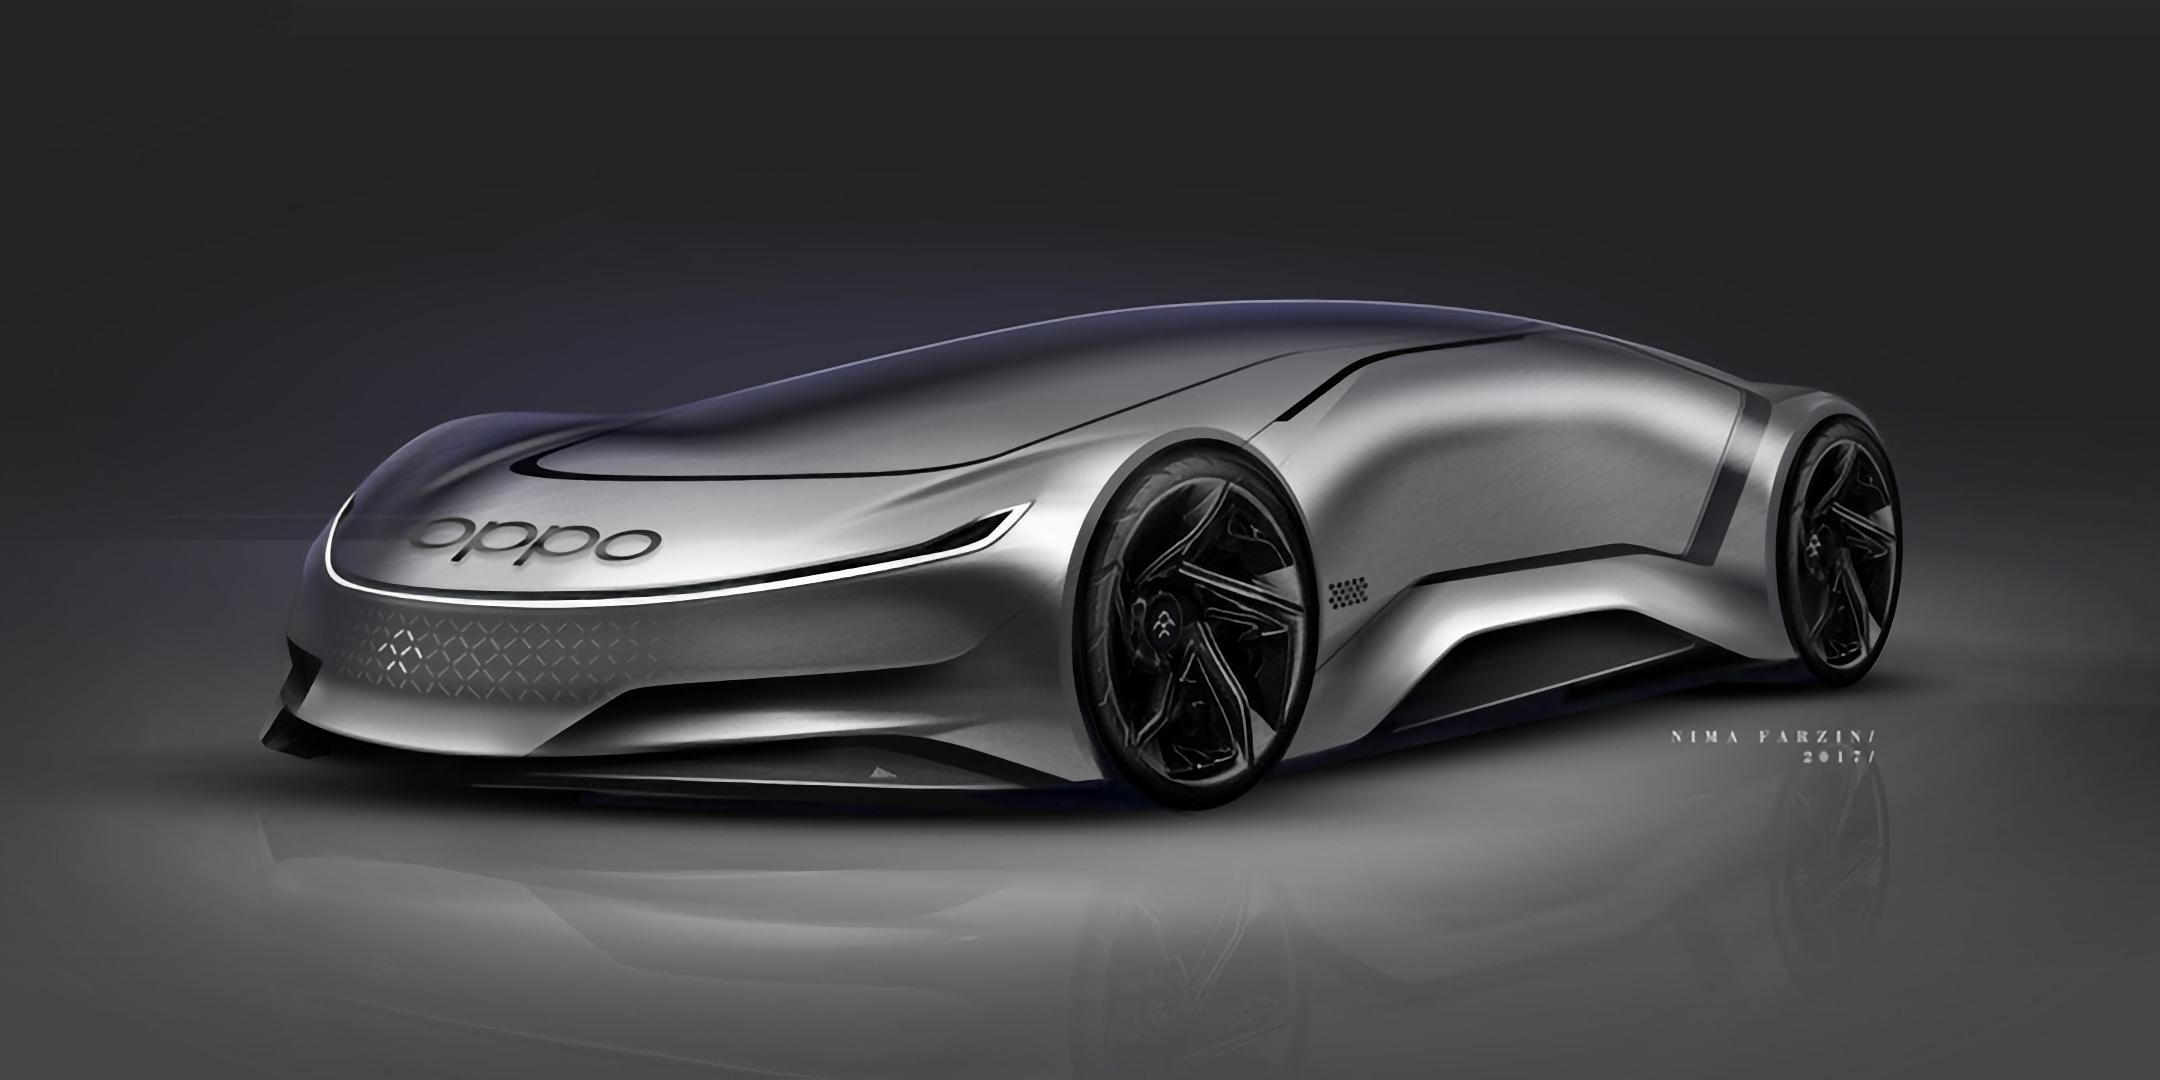 Вслед за Xiaomi: компания OPPO тоже собирается выпускать в будущем электромобили